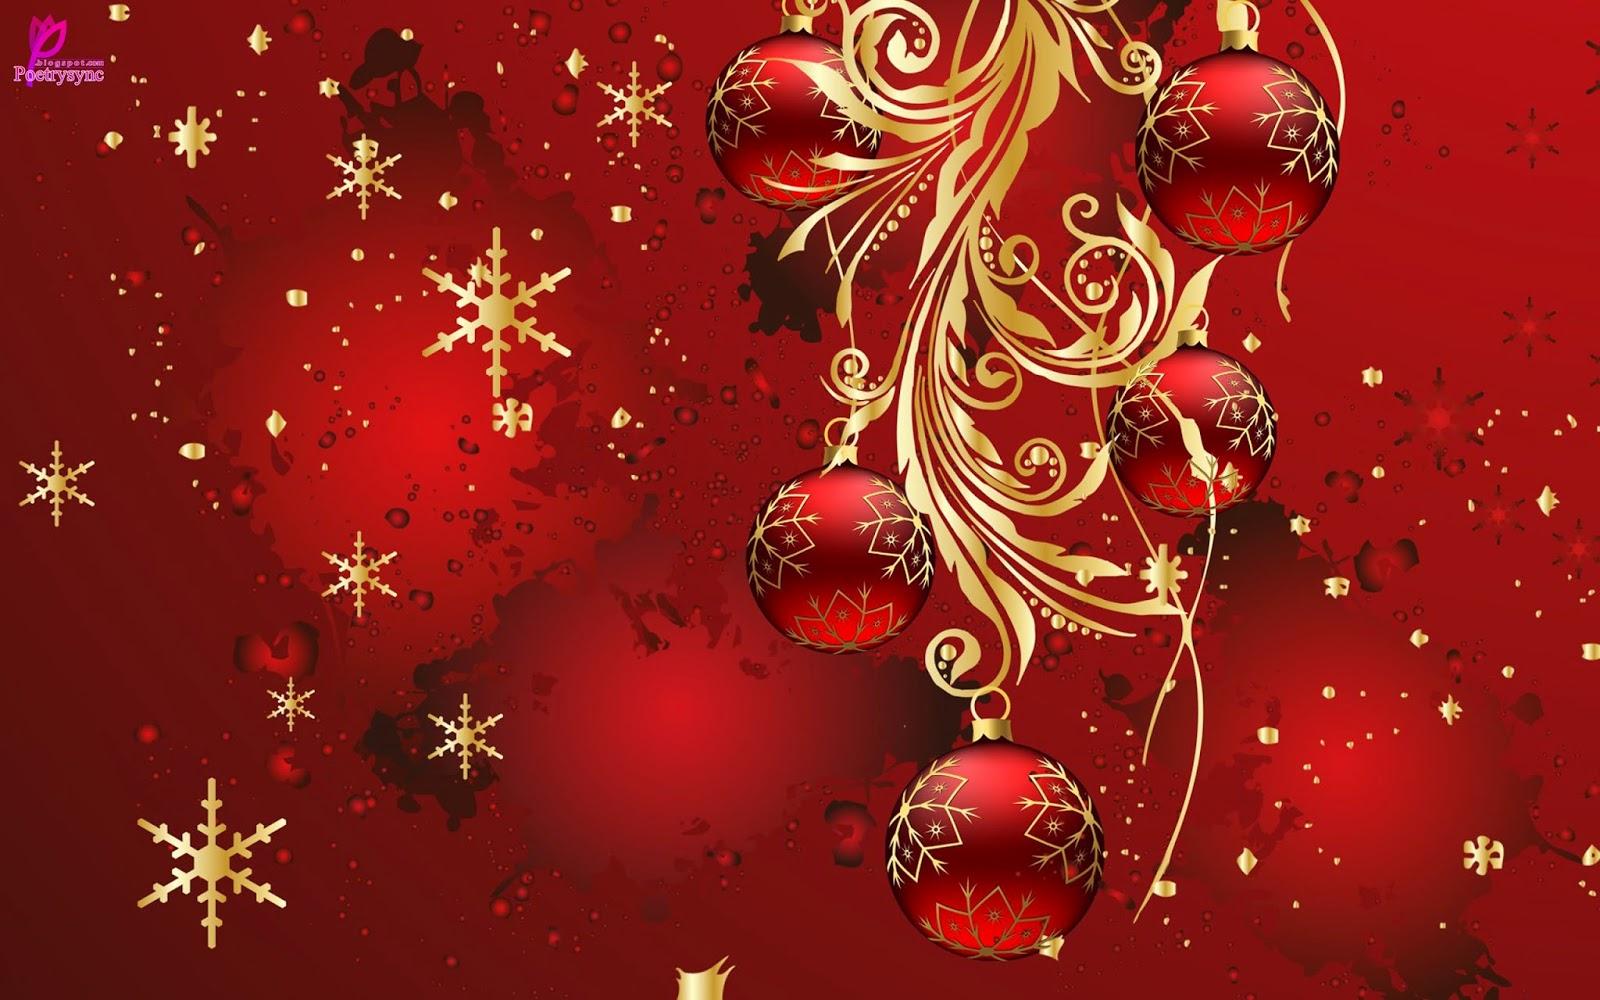 Christmas Wallpaper Winter Wallpaper Merry Christmas Wallpaper HD 1600x1000